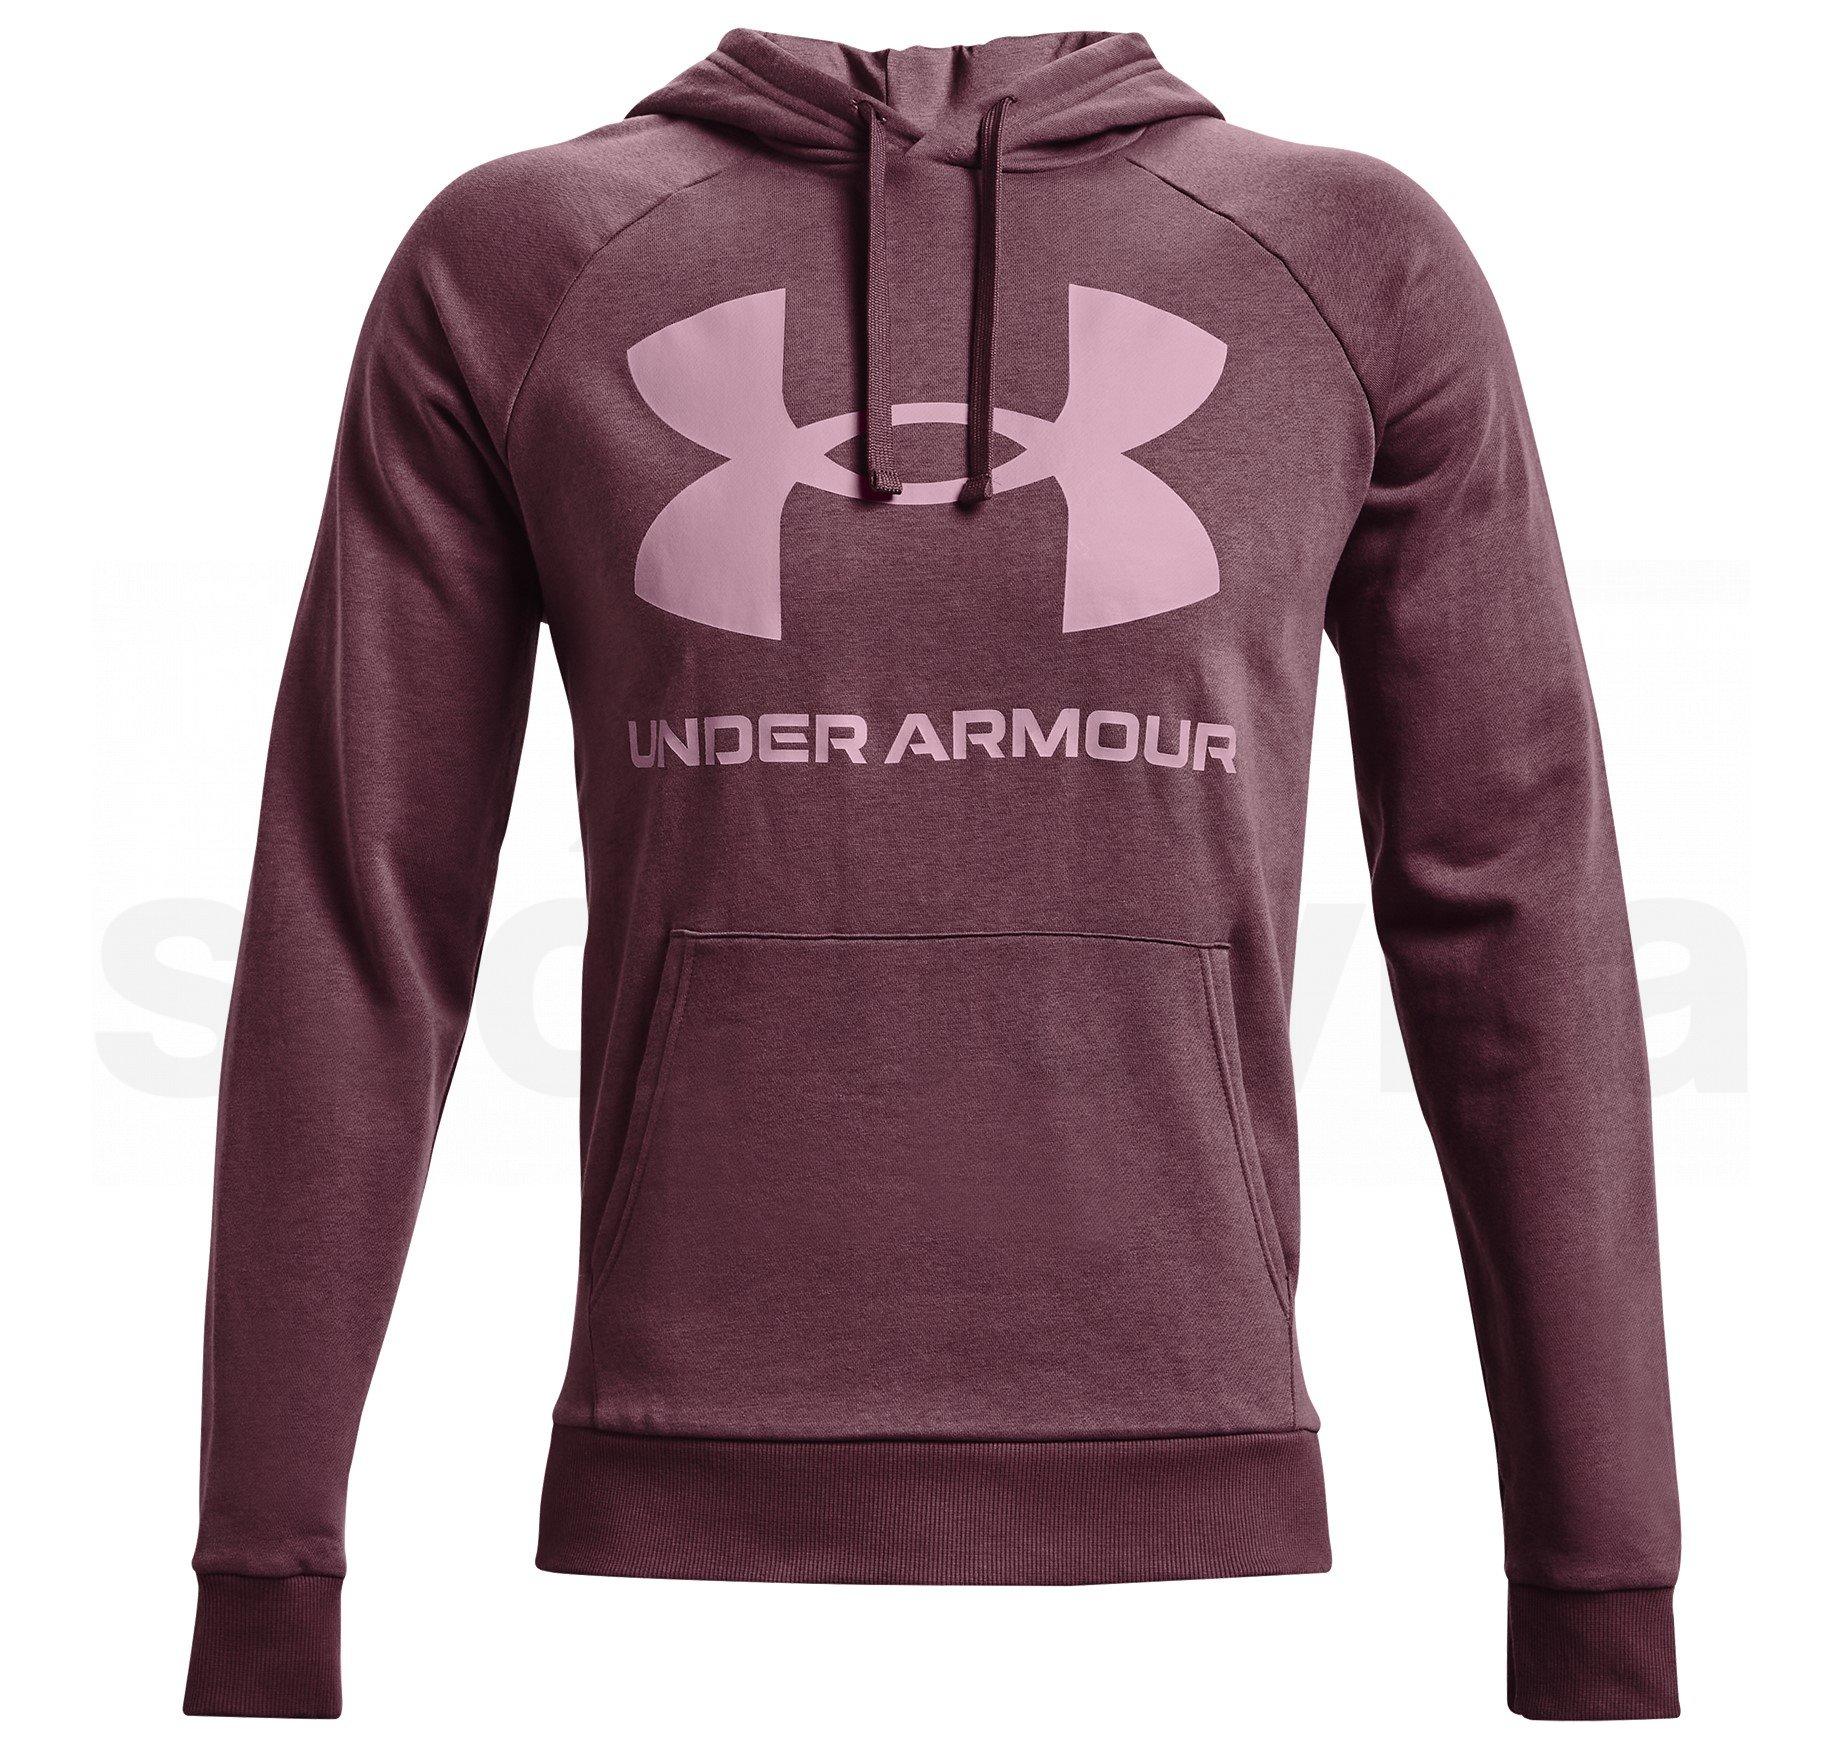 1357093-554_HF_Under Armour Rival Fleece Big Logo HD